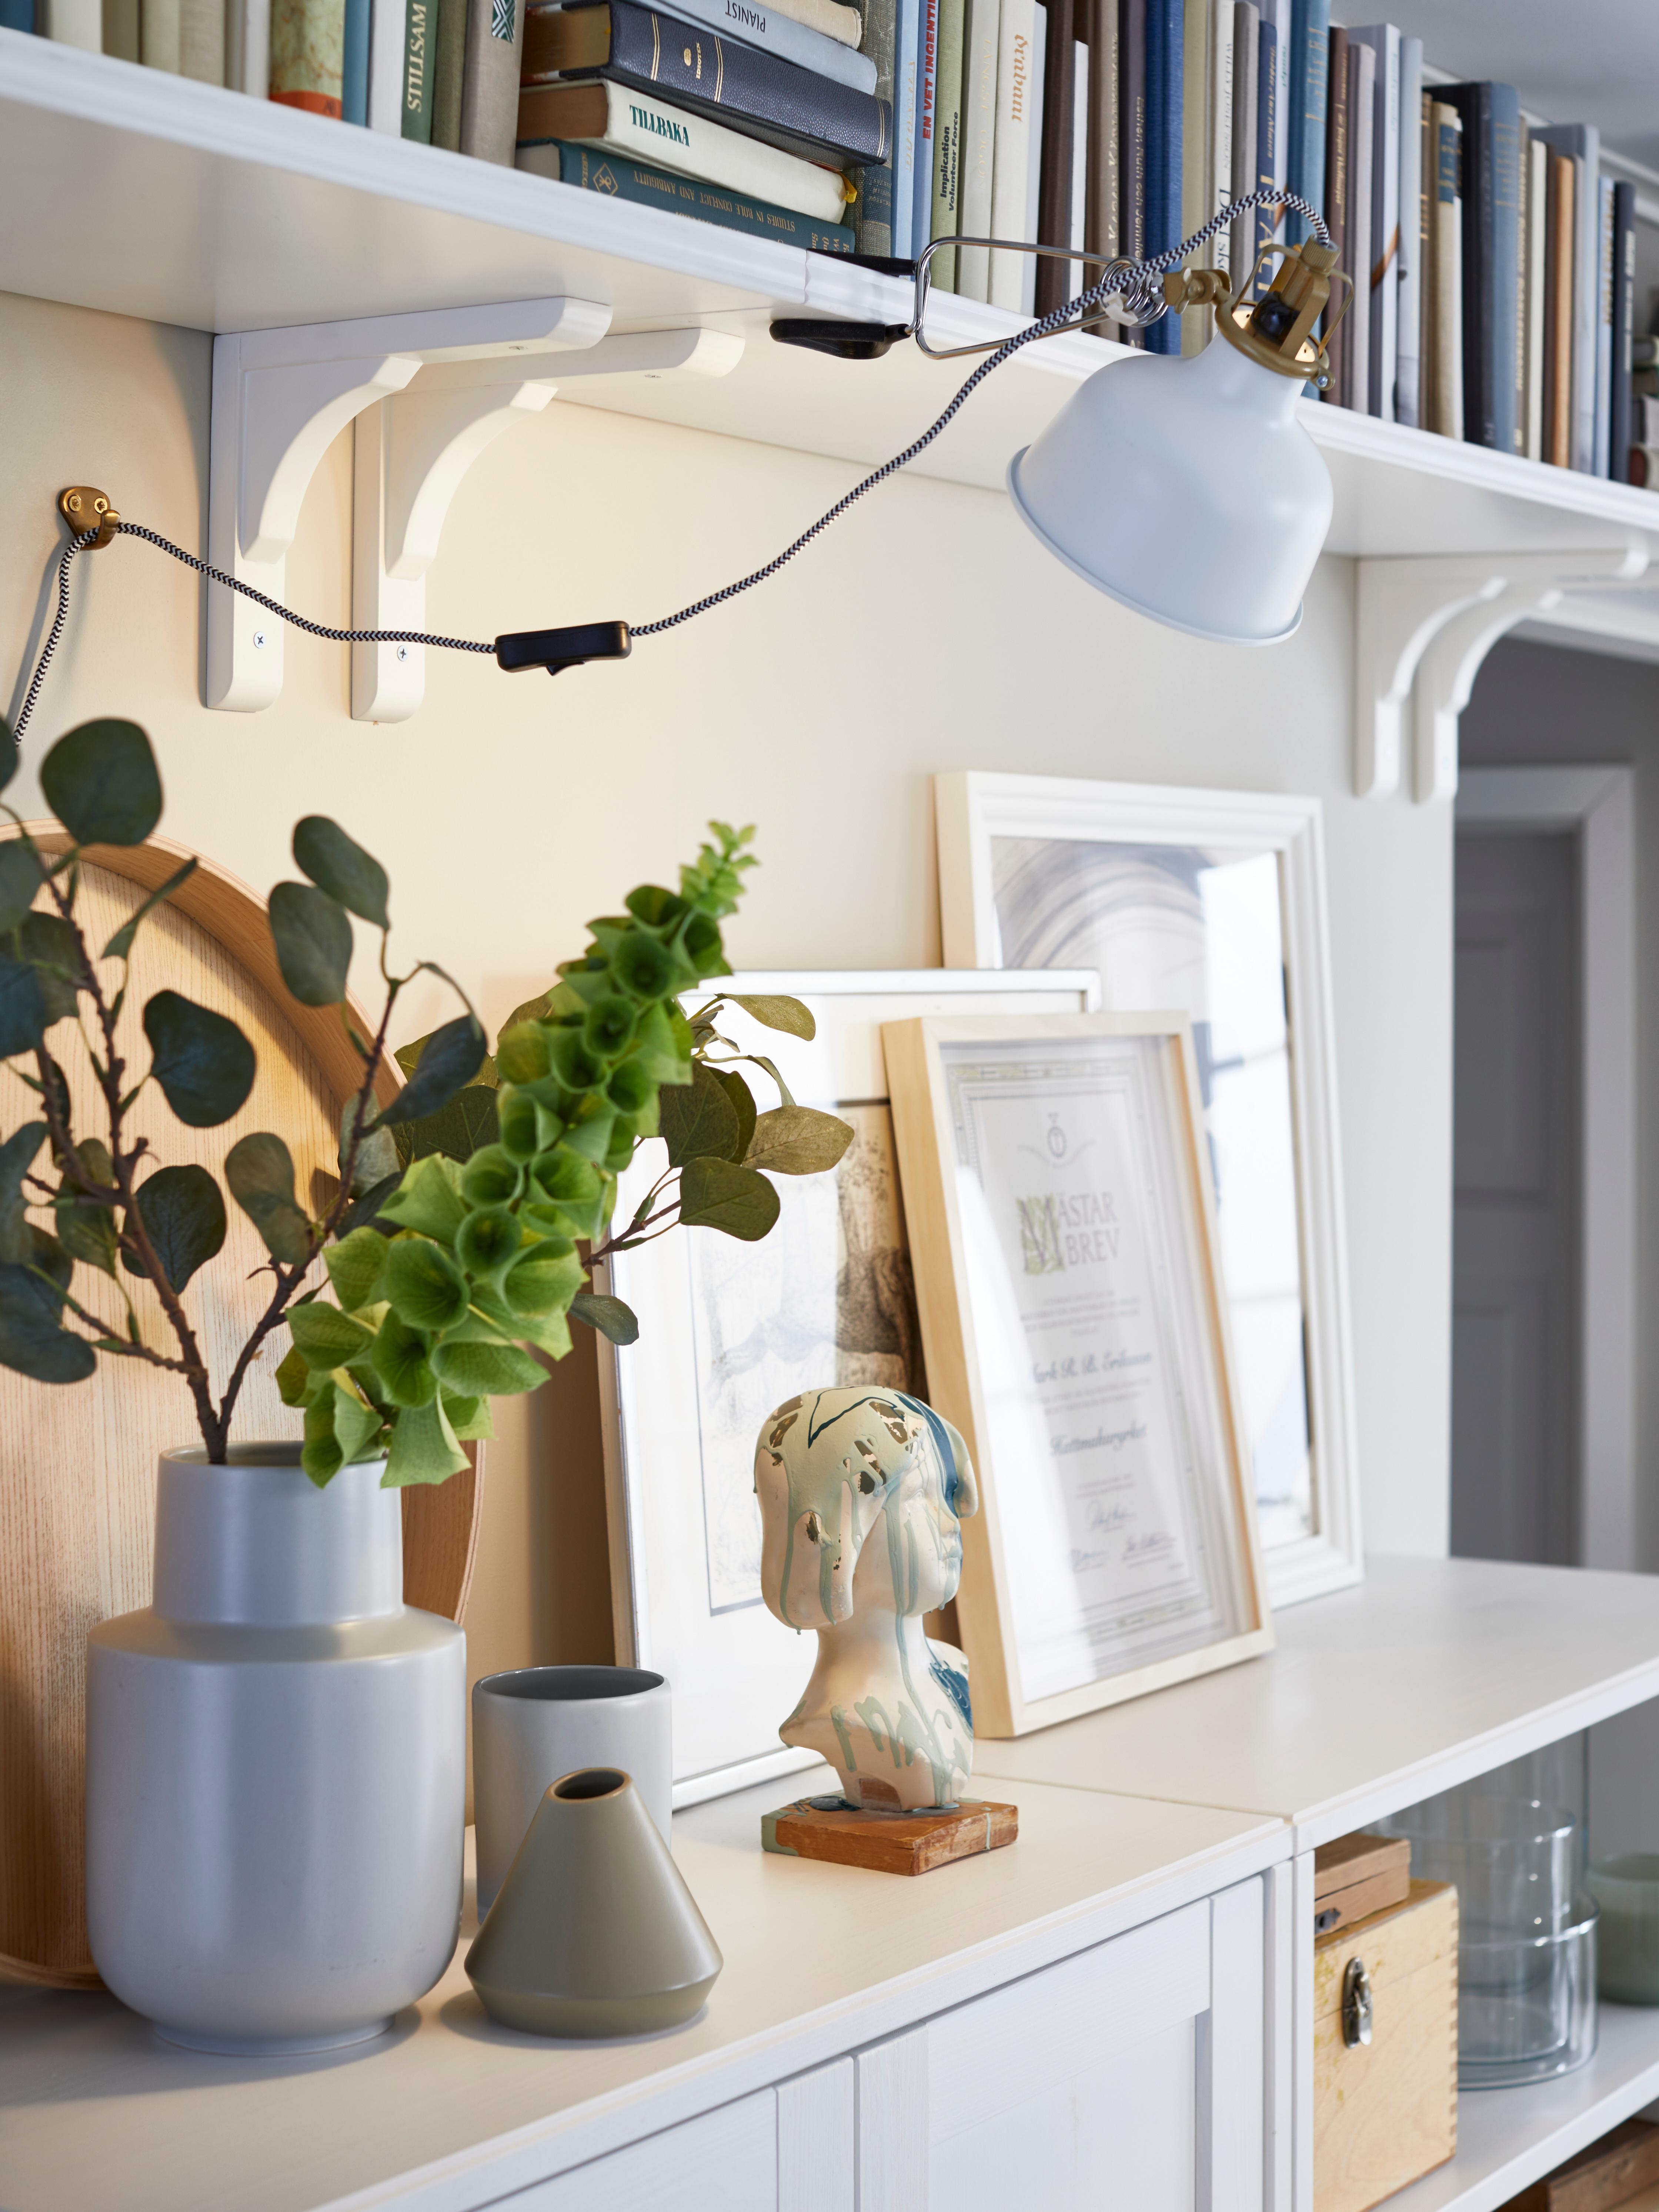 Bele zidne police BERGSHULT postavljene jedna pored druge, čime je dobijena neprekidna polica za knjige u gornjem delu zida, iznad ormarića.